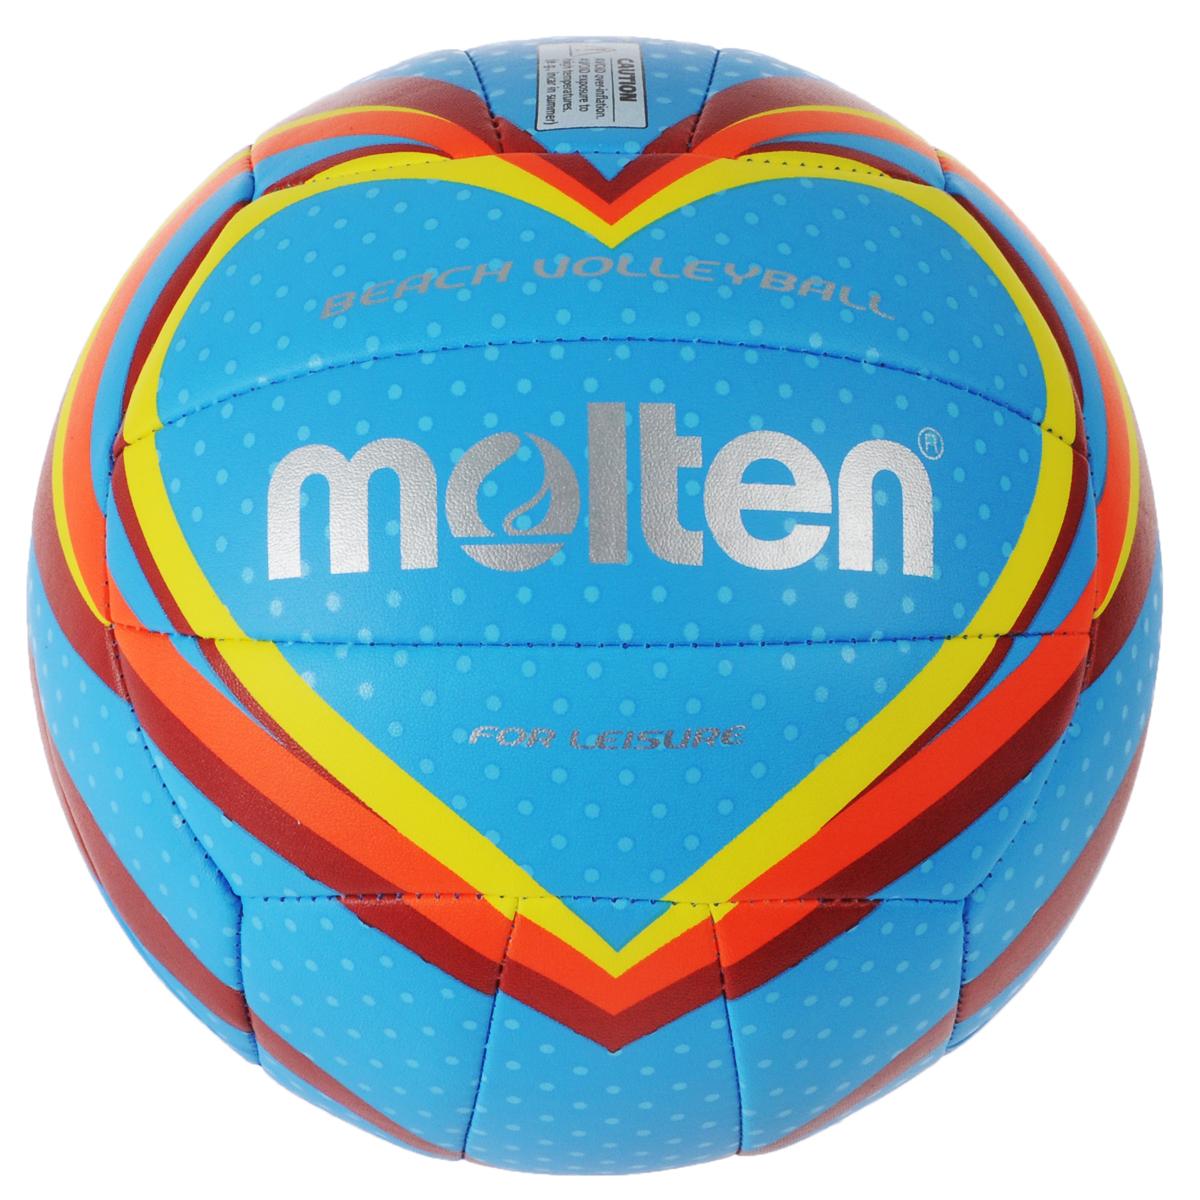 Мяч для пляжного волейбола Molten, цвет: голубой. Размер 5V5B1501-BМяч для пляжного волейбола Molten изготовлен из мягкой синтетической кожи, обеспечивающей мягкий контакт с рукой. Отличные игровые характеристики. Ручное шитье. Имеет официальный вес и размер.